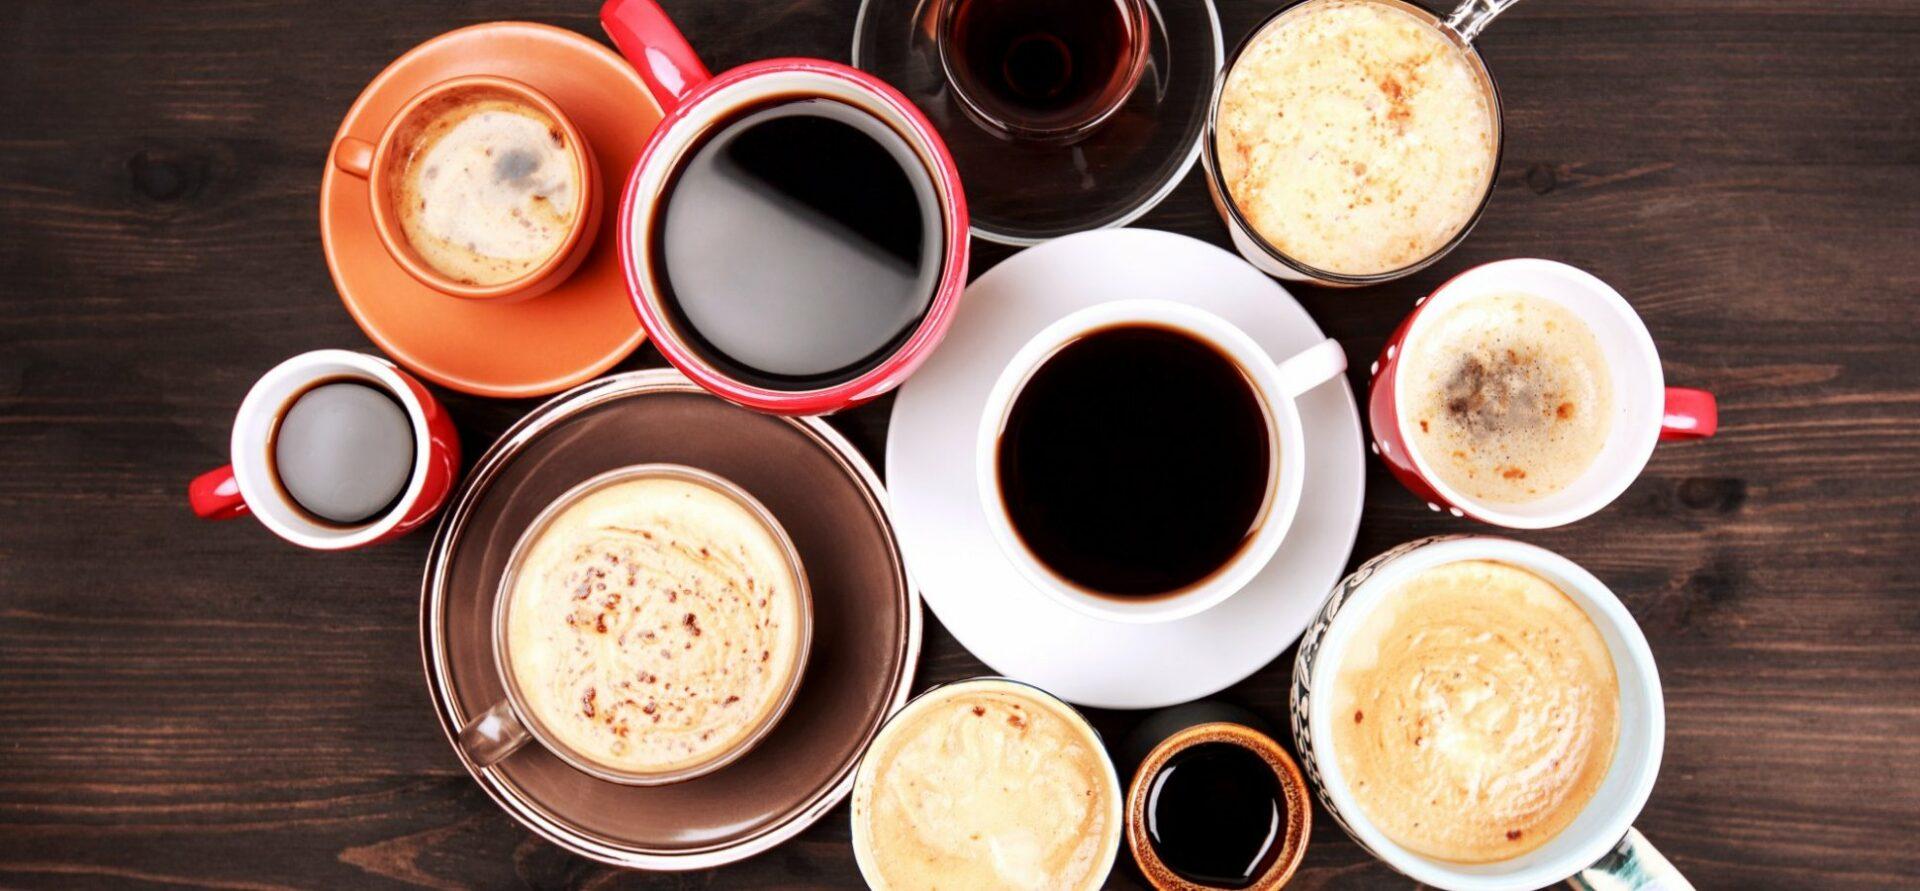 Ποιο είναι το αποτύπωμα της καθημερινής κατανάλωσης καφέ στο περιβάλλον;